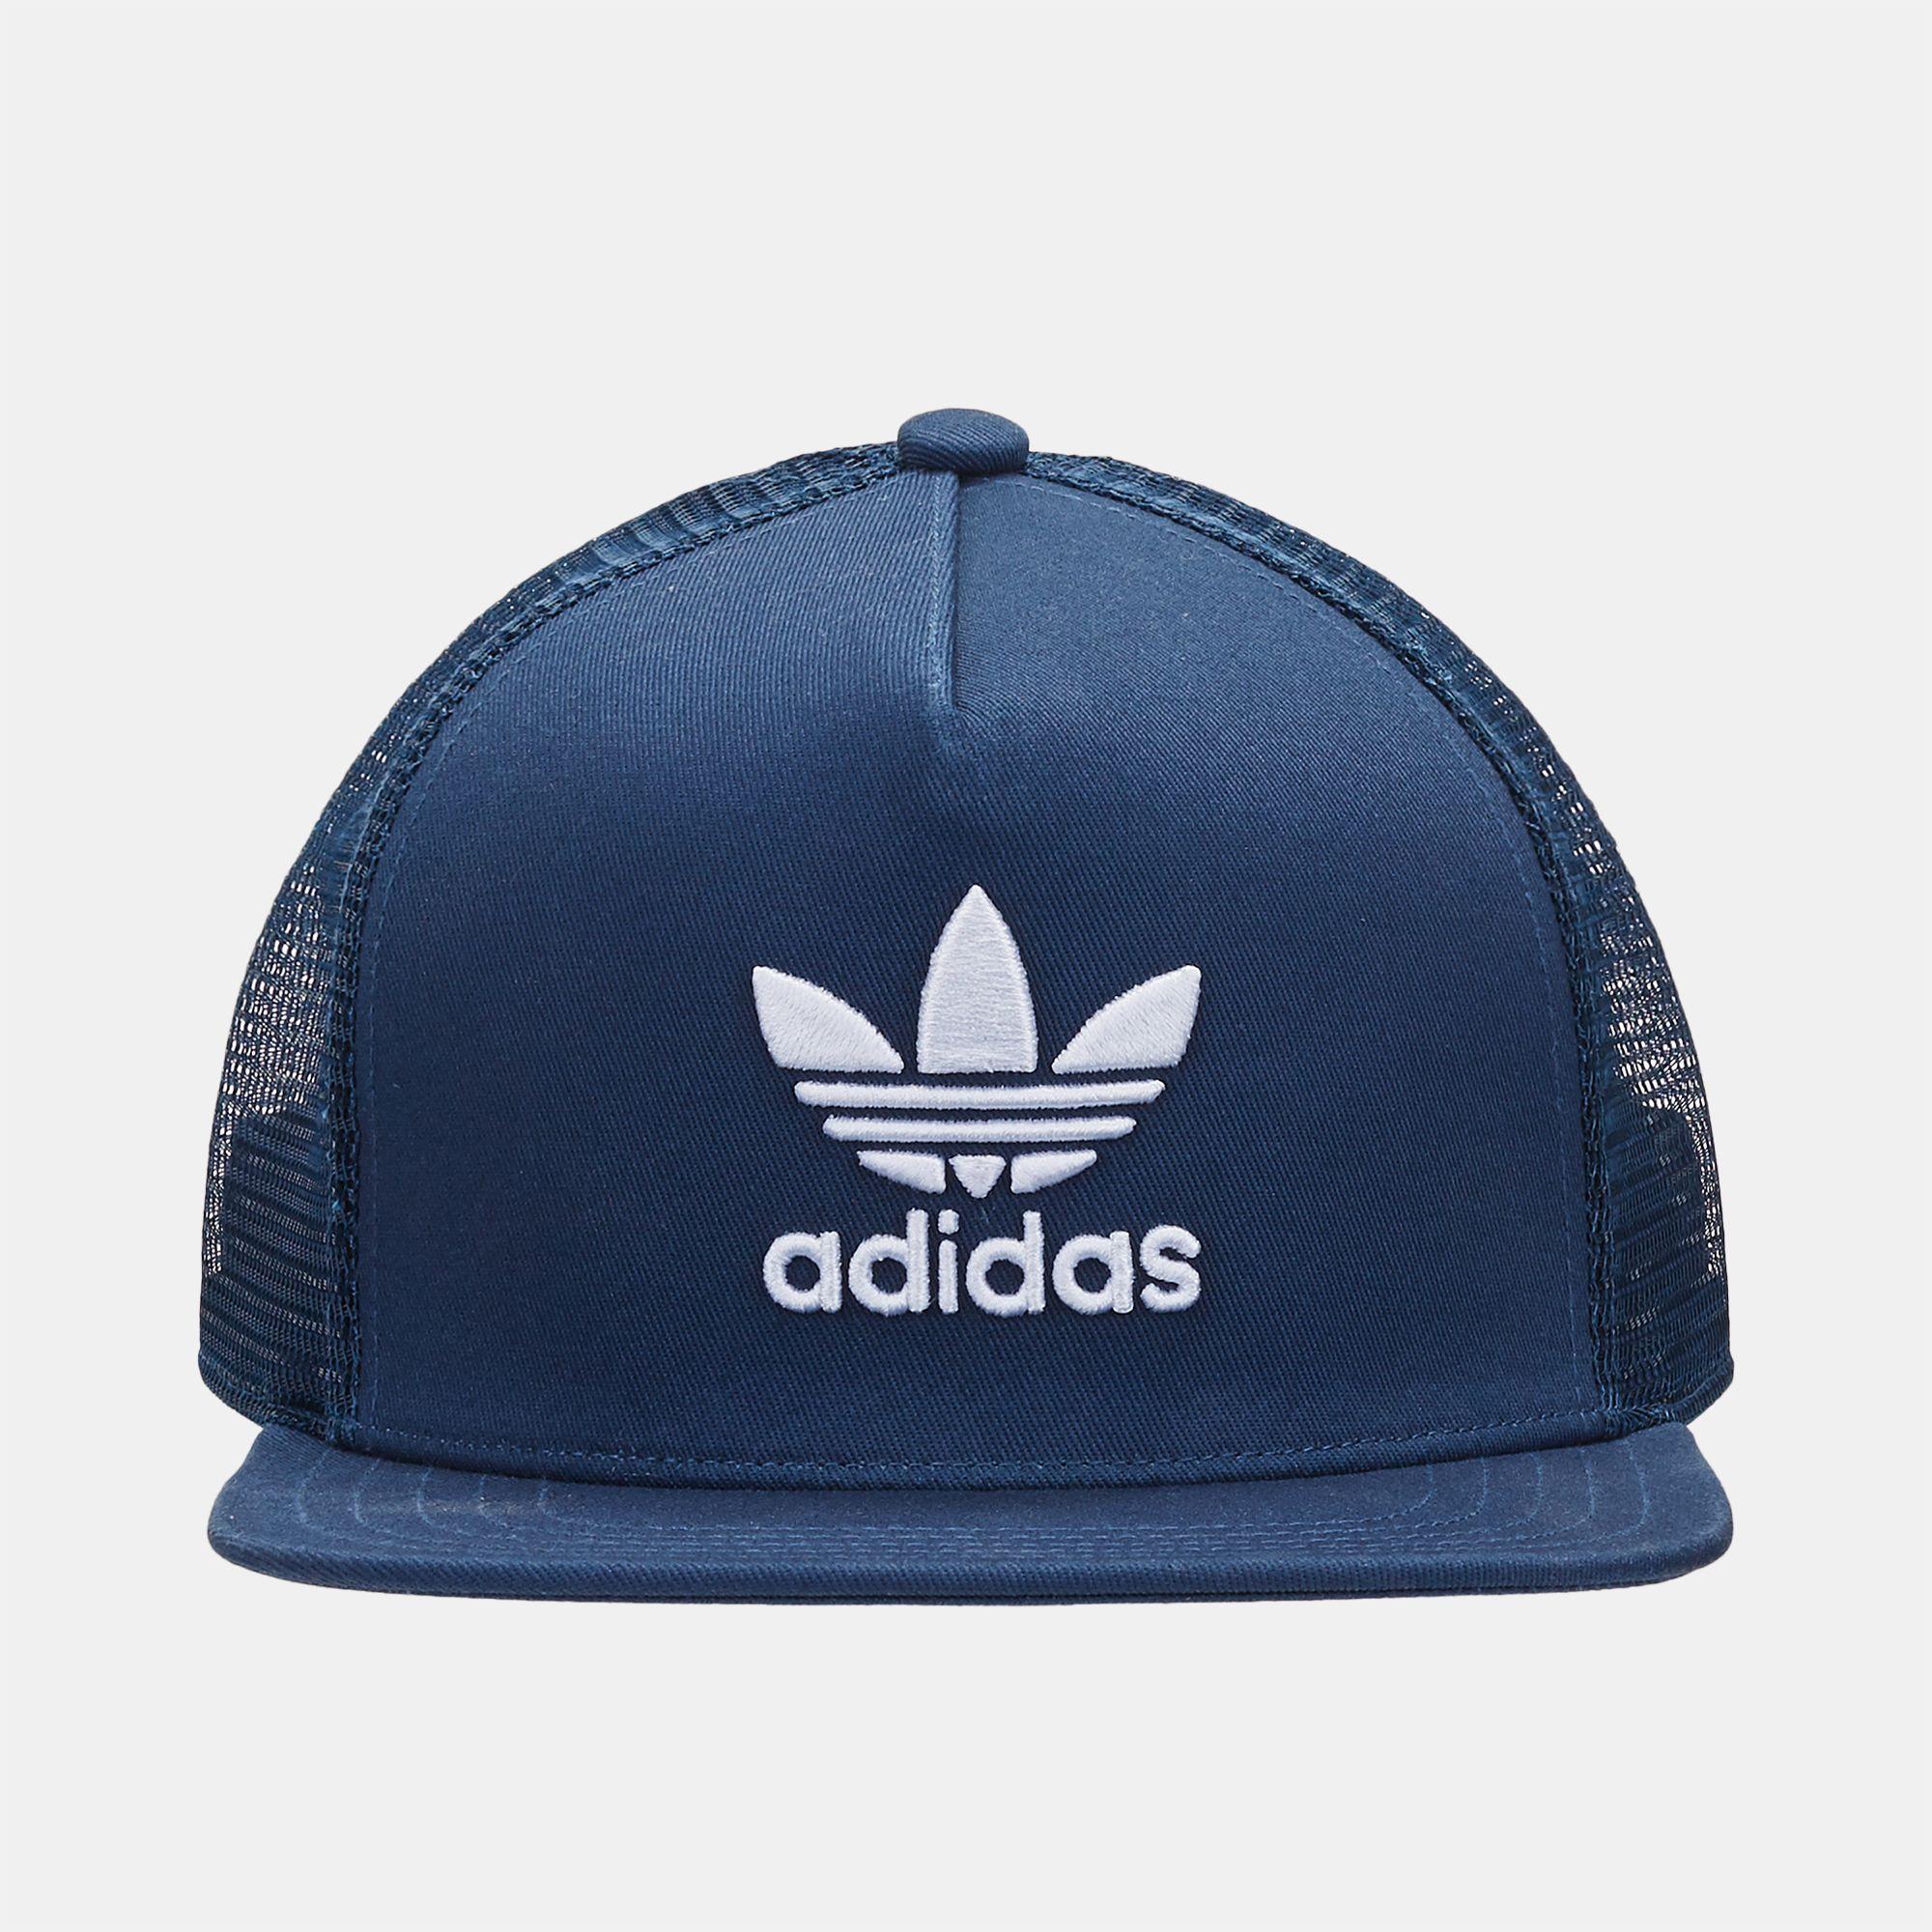 5b122a30 adidas Originals Trefoil Trucker Cap | Caps | Caps & Hats ...